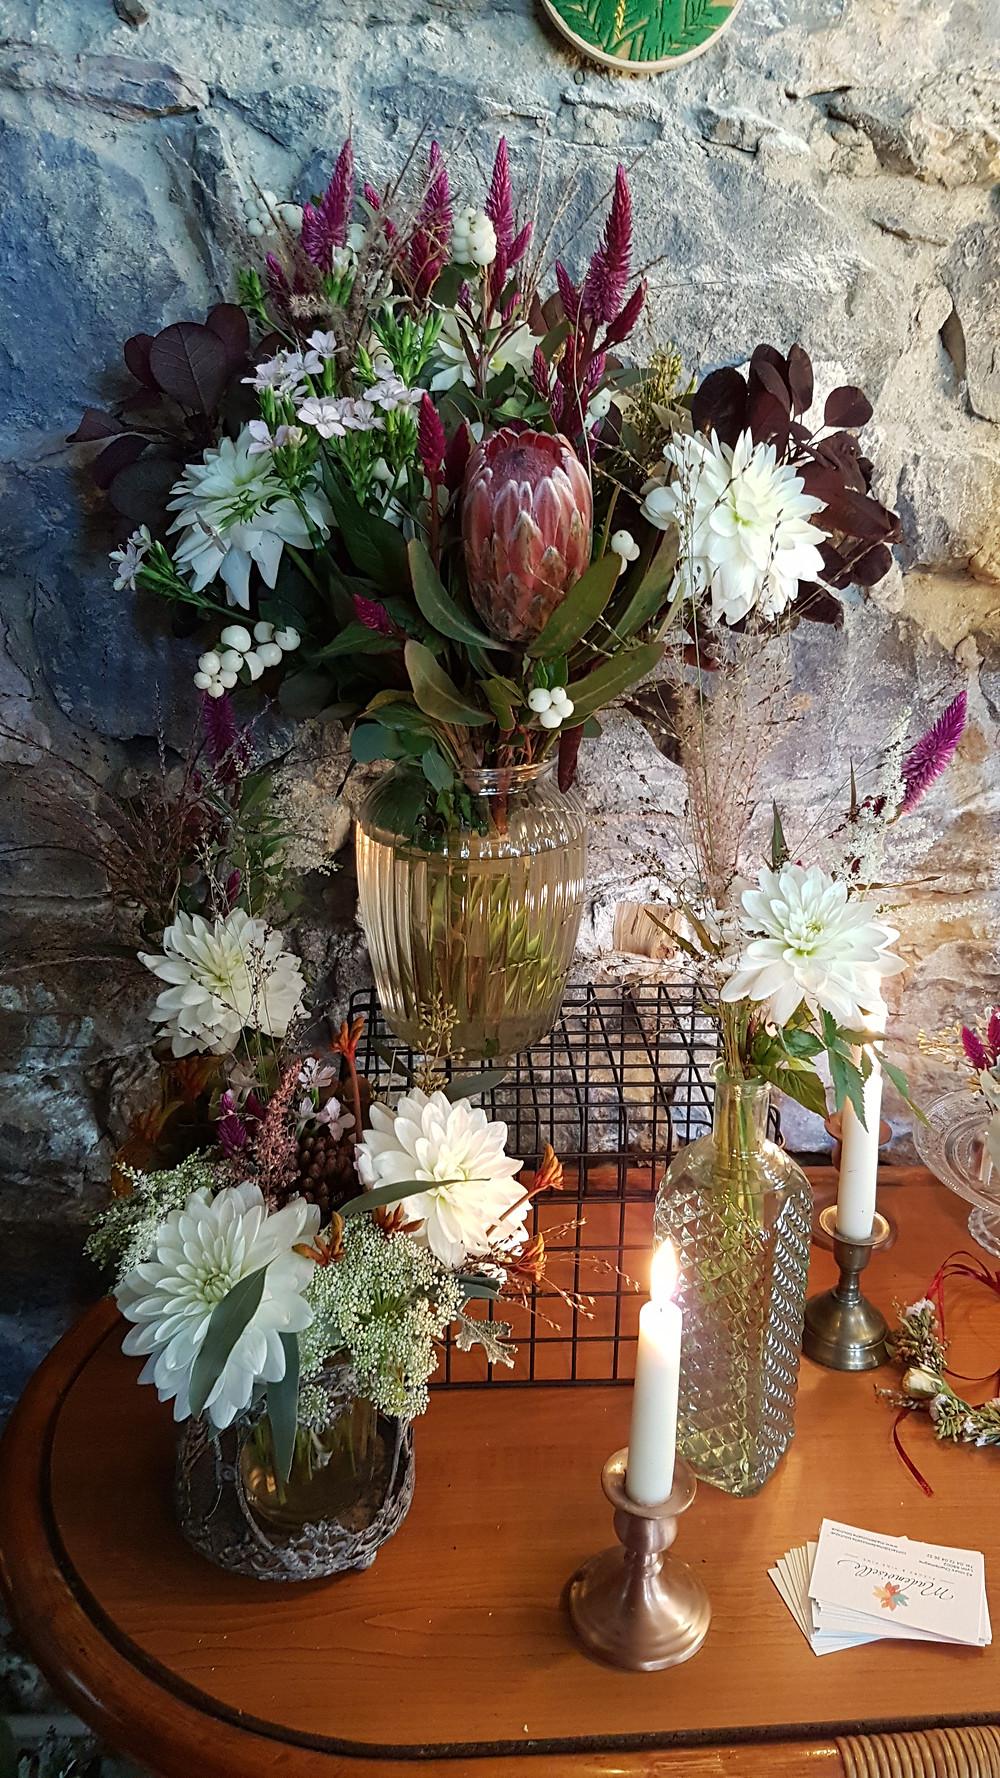 bouquet de la mariée, composition florale, fleurs, bouquet steampunk, bouquet alternatif,Décoration de table mariage alternatif, mariage steampunk, décoration steampunk, décoration mariage atypique, sur-mesure